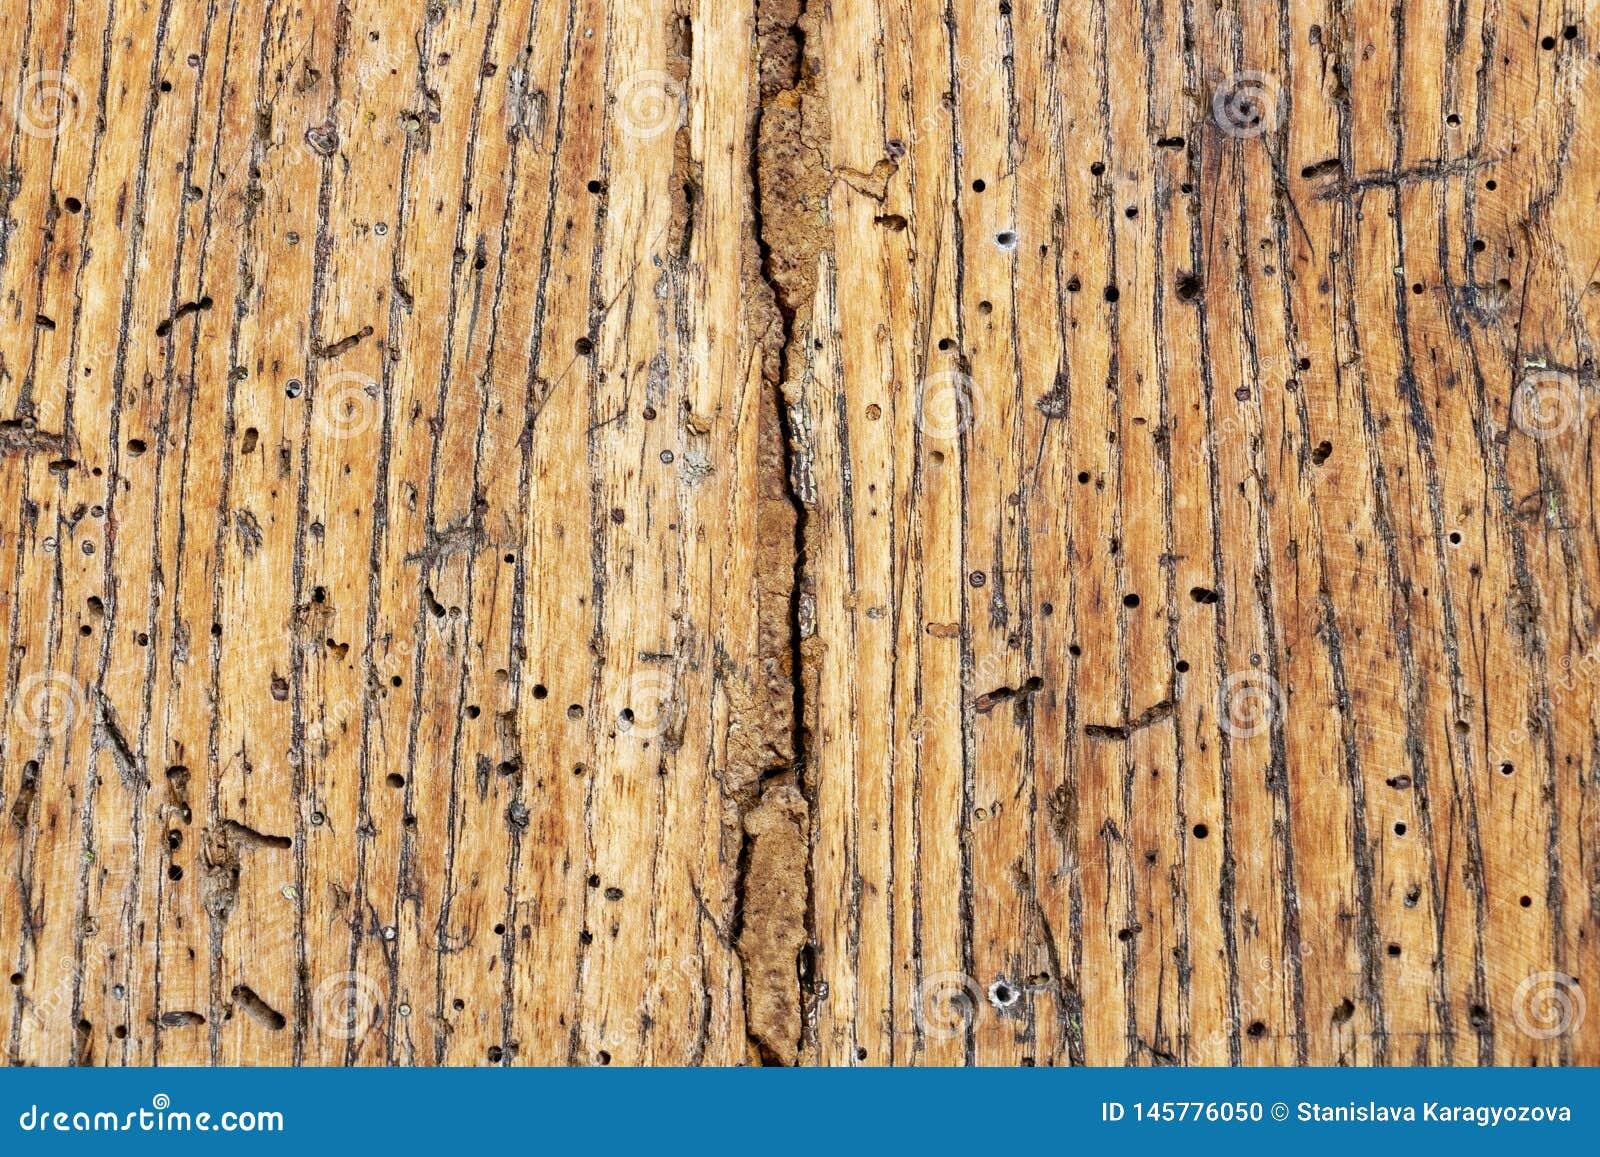 Старая поврежденная деревянная поверхность